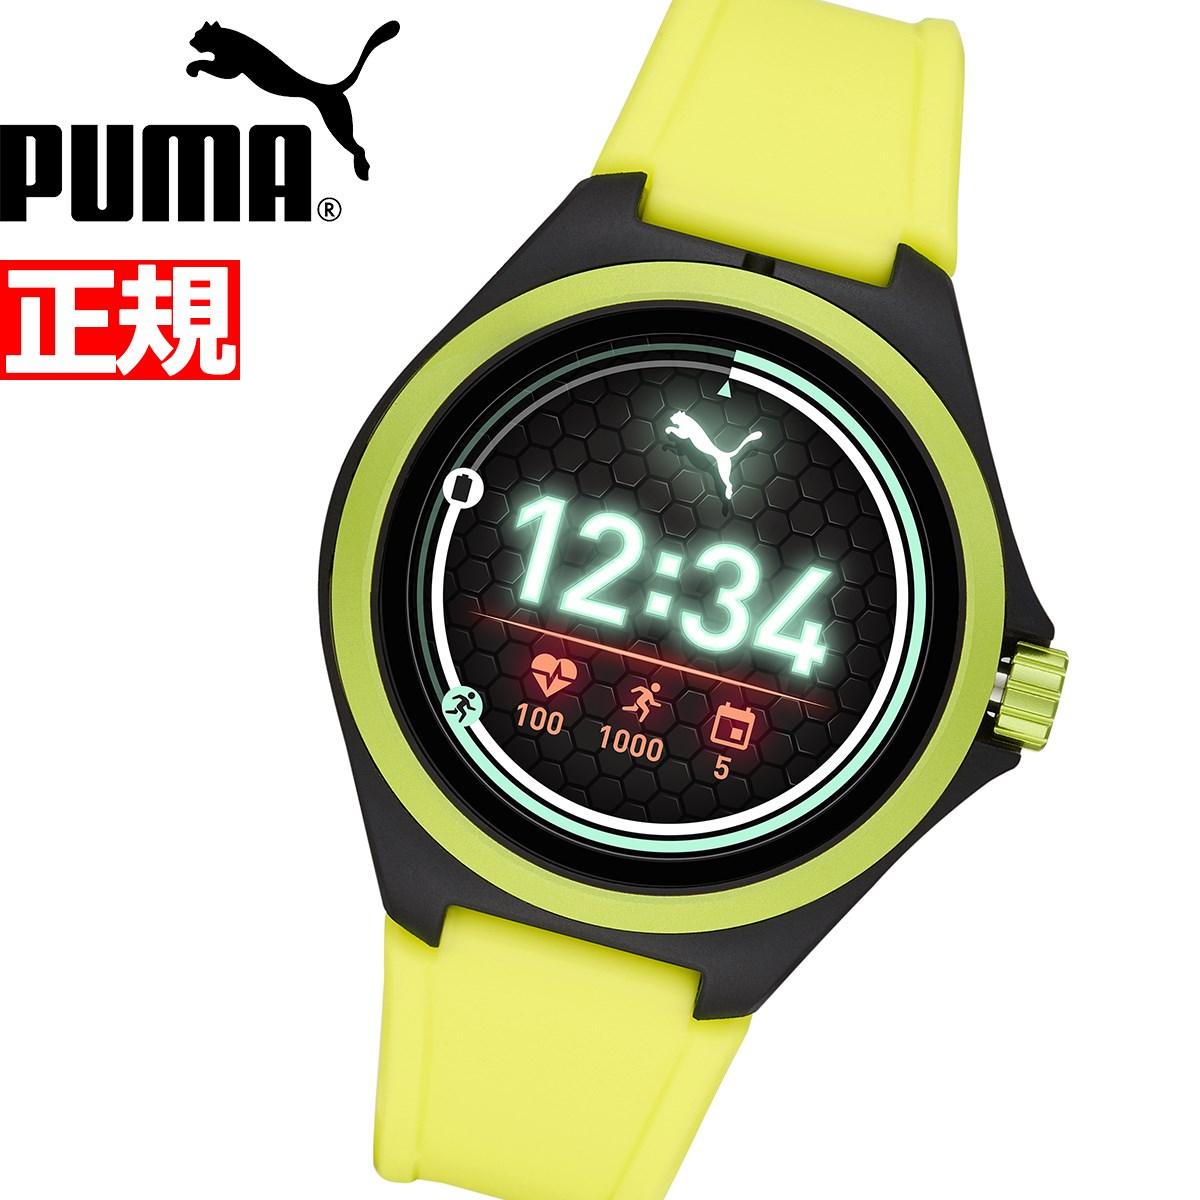 【5日0時~♪10%OFFクーポン&店内ポイント最大51倍!5日23時59分まで】プーマ PUMA スマートウォッチ ウェアラブル 腕時計 メンズ レディース PT9101